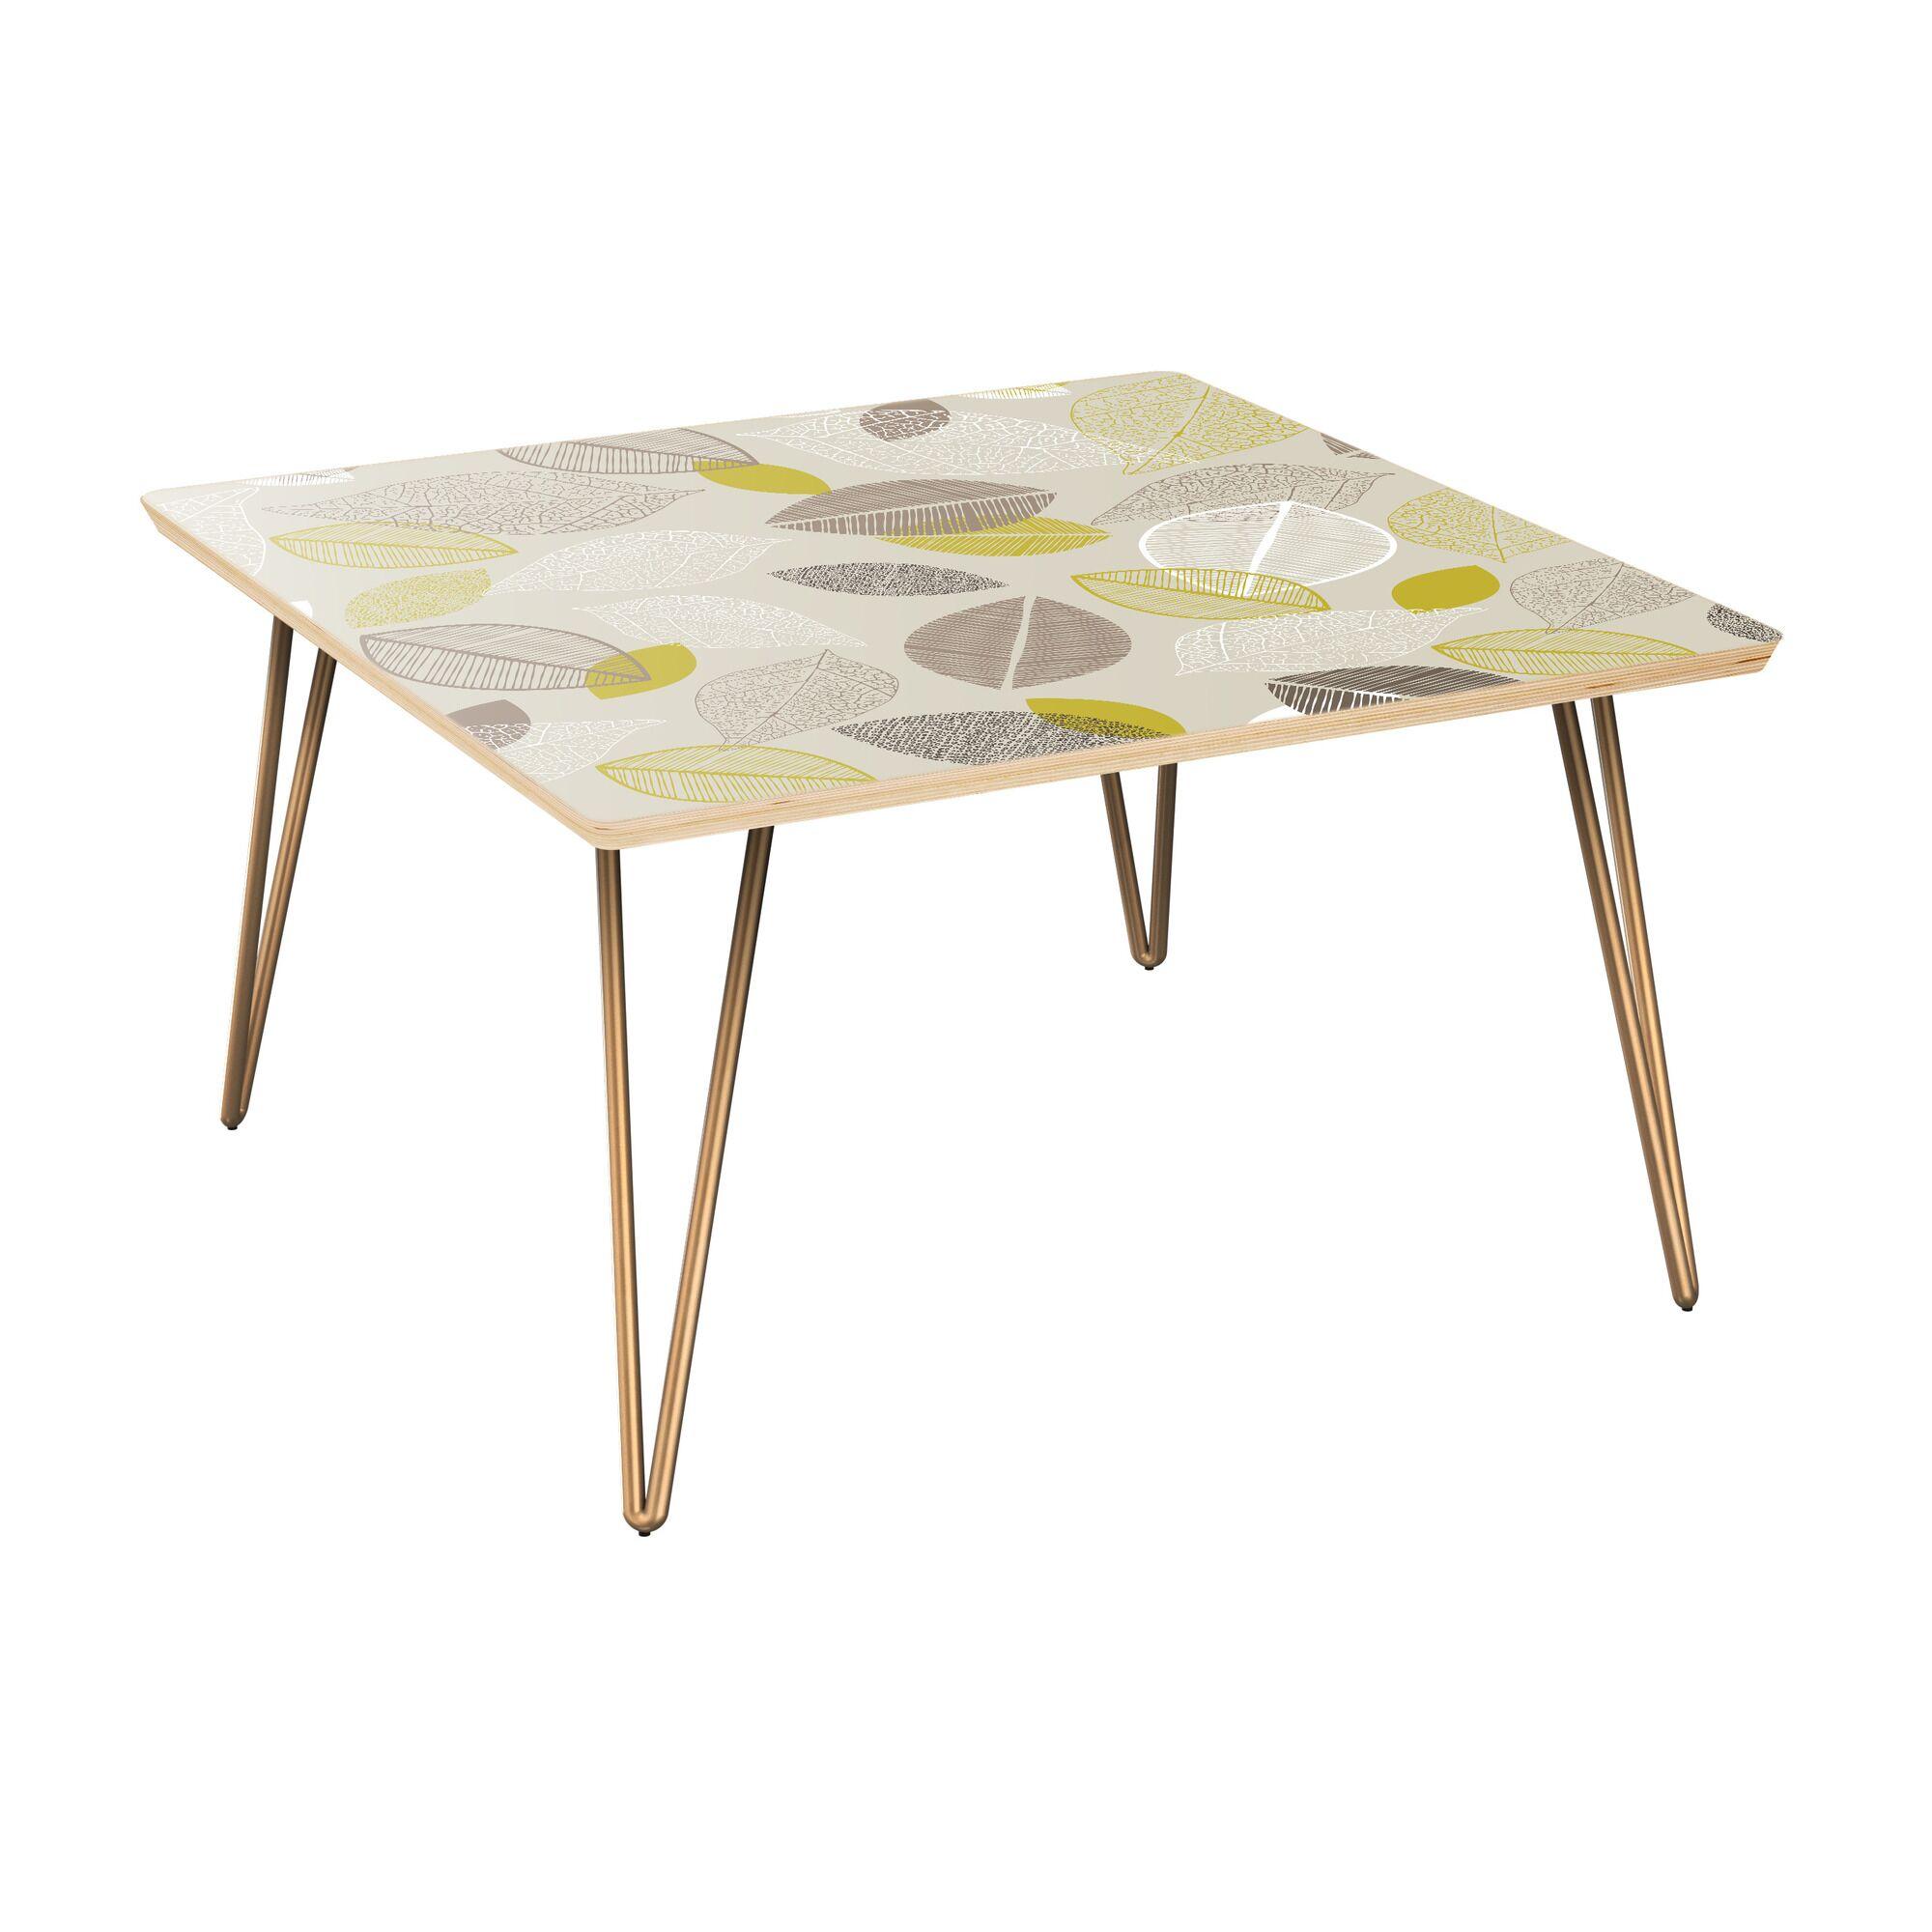 La Mesa Coffee Table Table Top Boarder Color: Natural, Table Base Color: Brass, Table Top Color: Blue